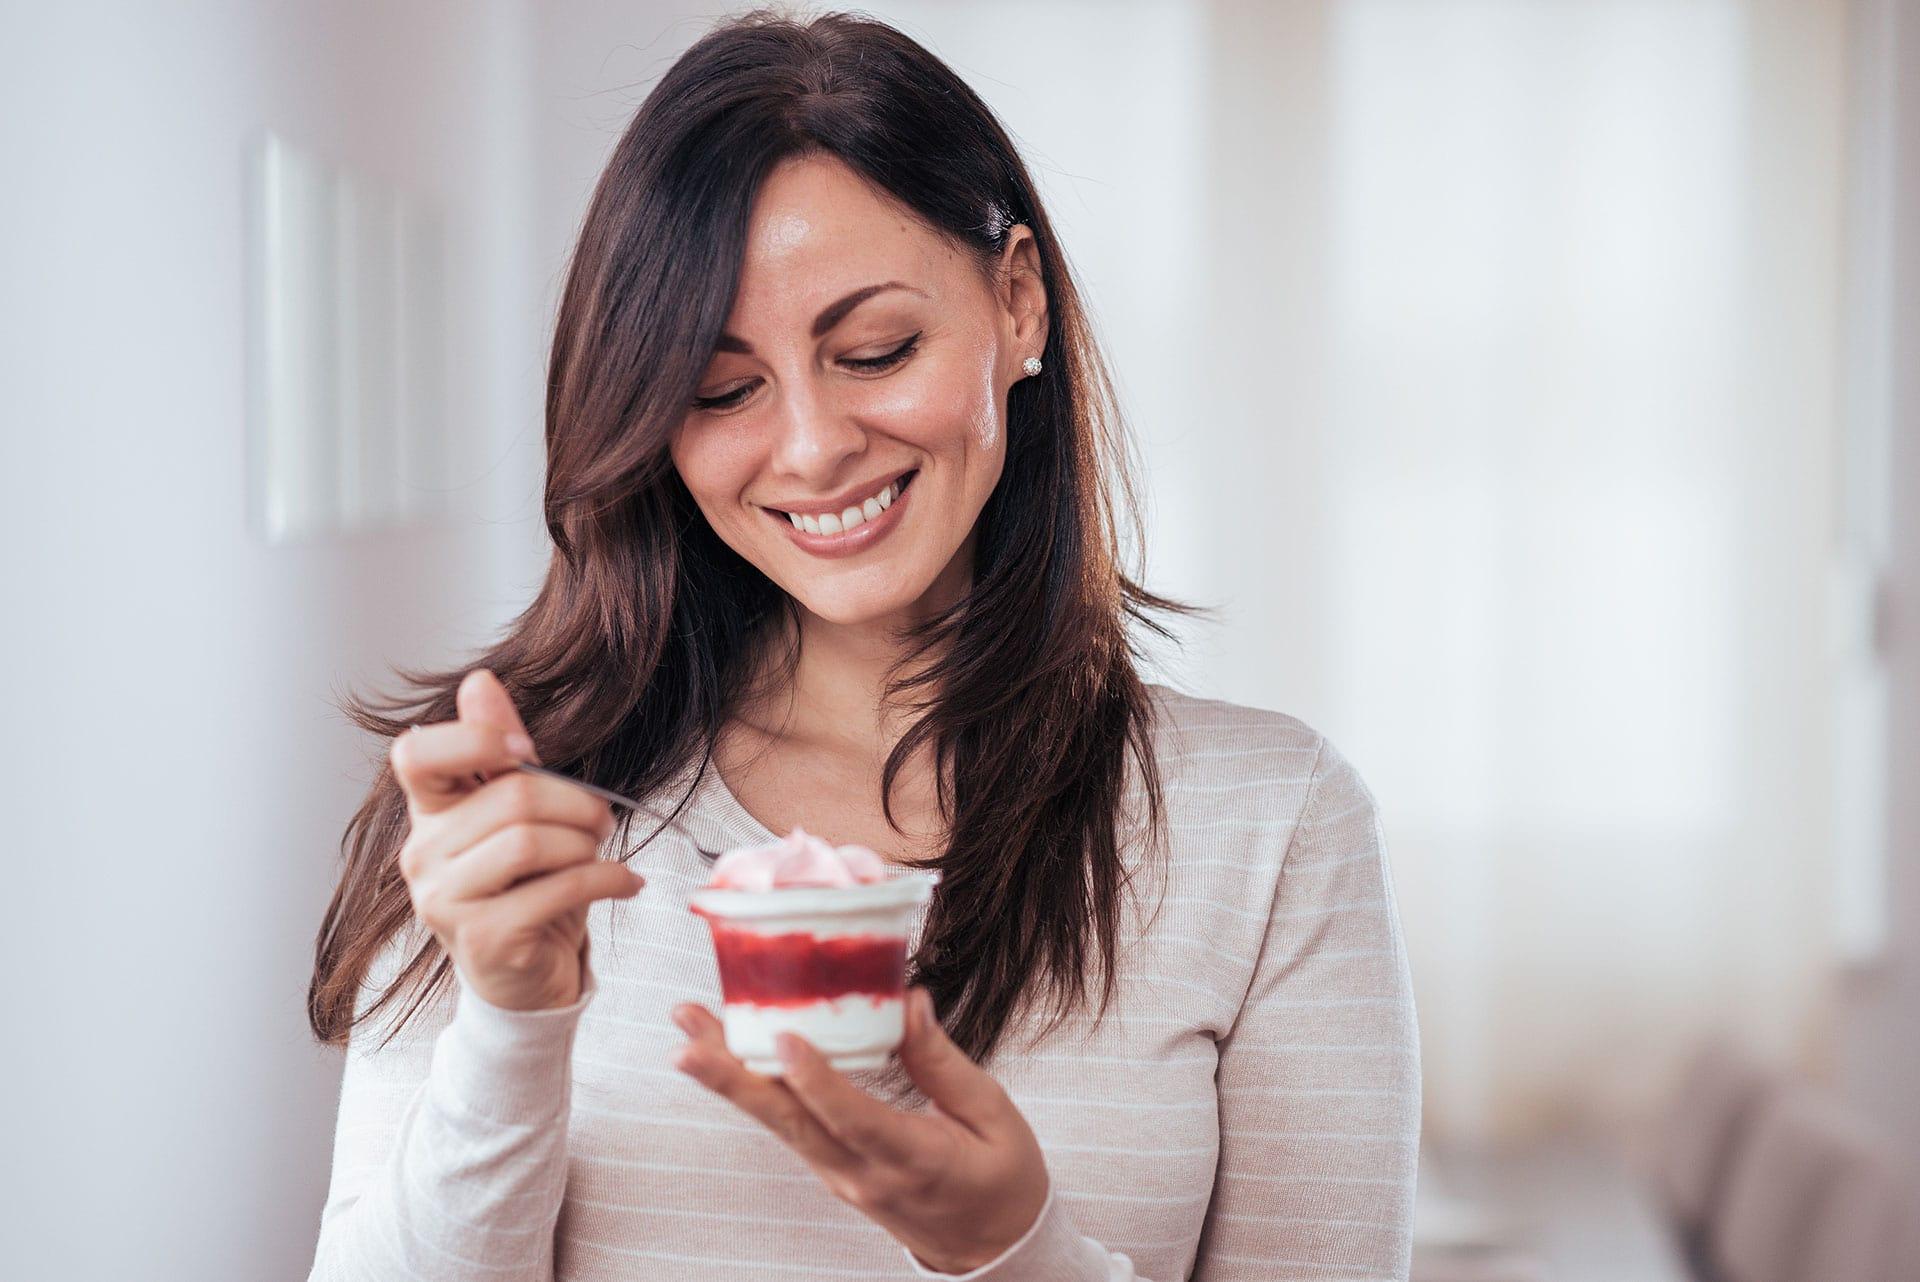 Jak cukier poprawia nastrój?